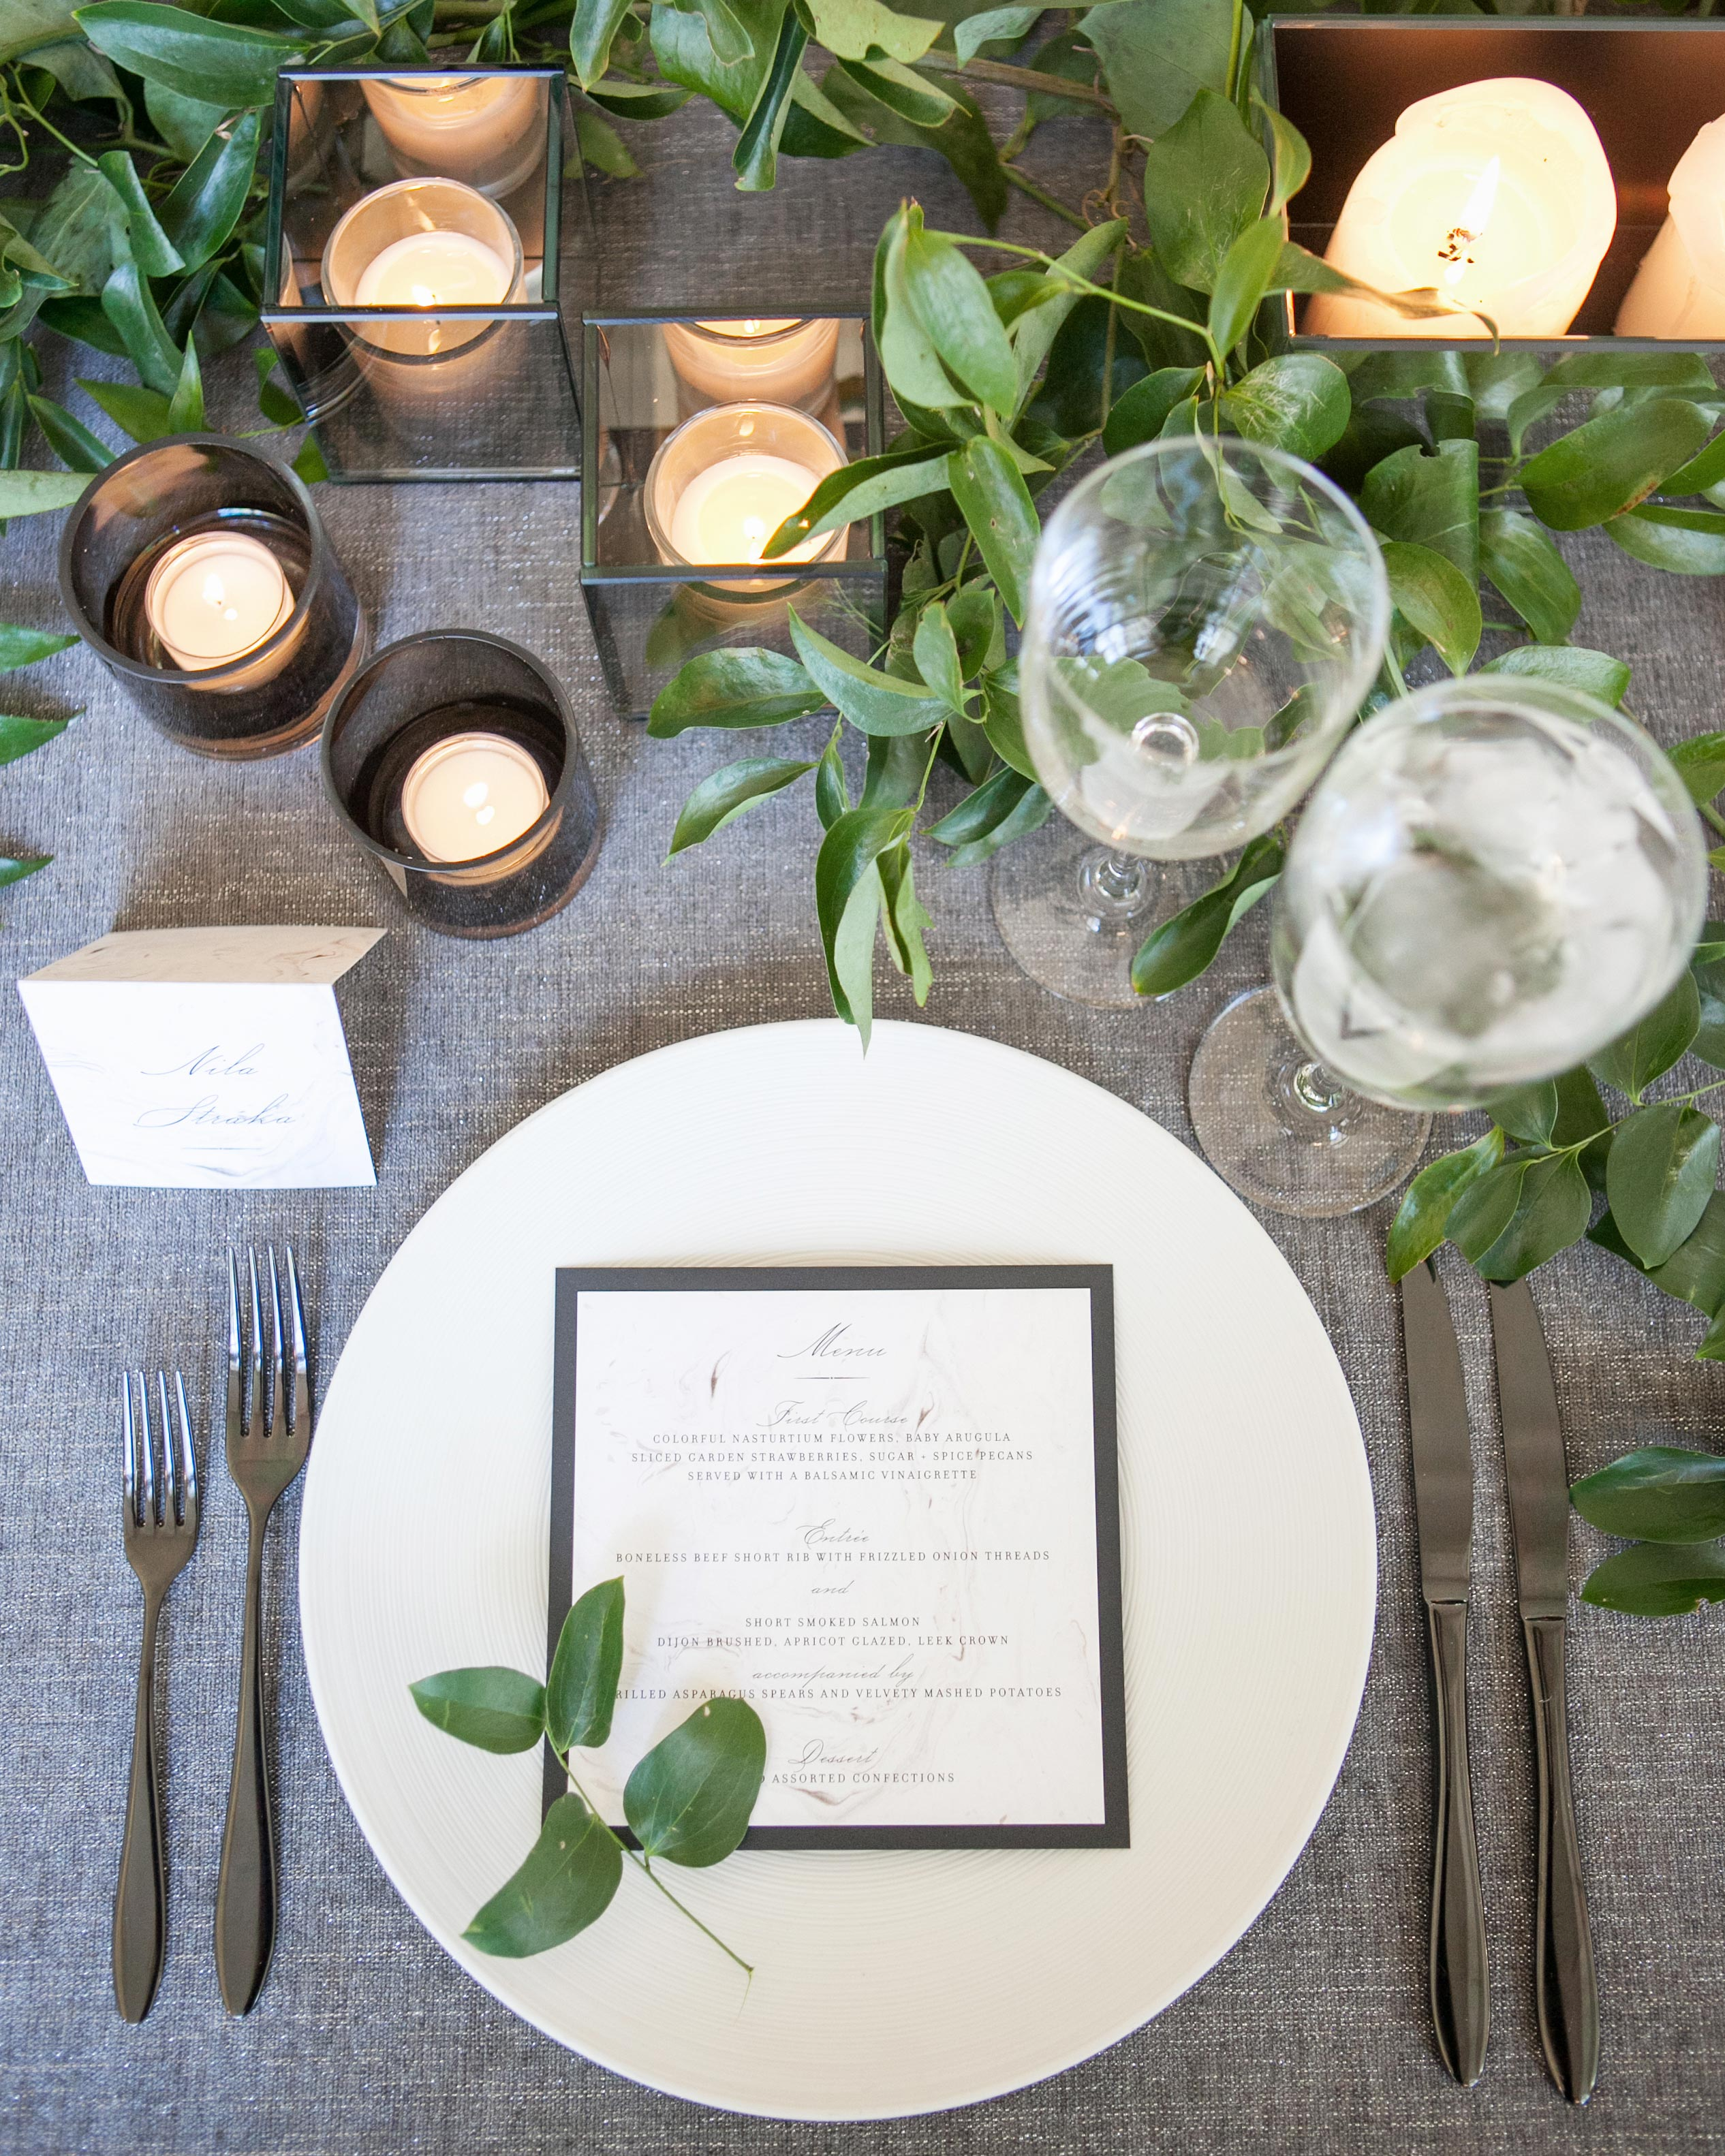 arielle-matt-wedding-placesetting-112-6134241-0716.jpg